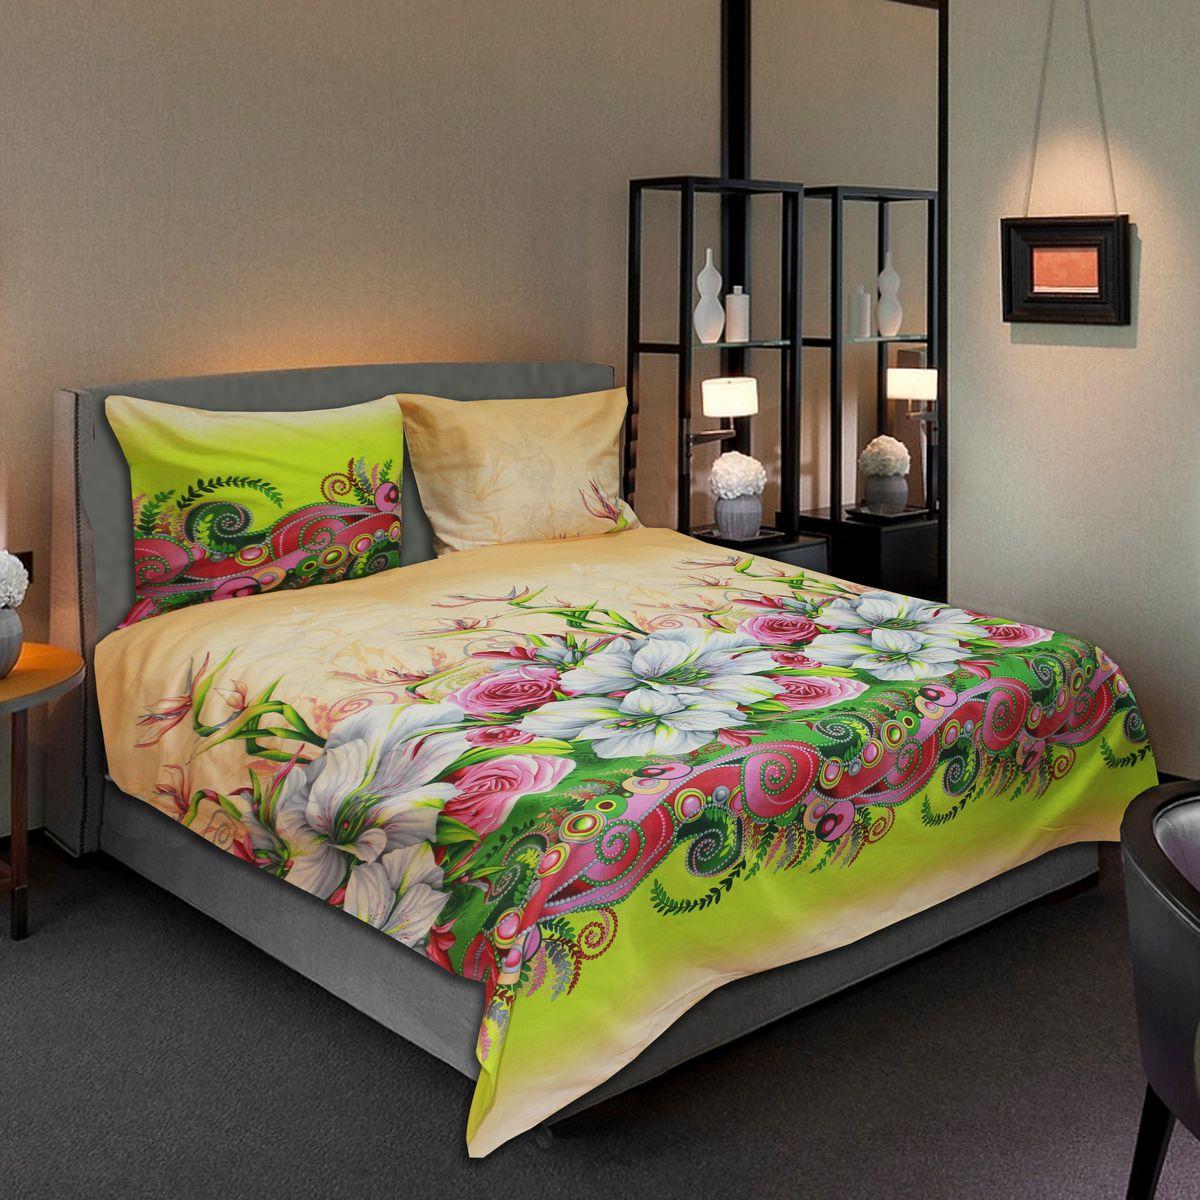 Комплект белья Amore Mio Sweet, 2-спальный, наволочки 70х70391602Комплект постельного белья Amore Mio является экологически безопасным для всей семьи, так как выполнен из бязи (100% хлопок). Комплект состоит из пододеяльника, простыни и двух наволочек. Постельное белье оформлено оригинальным рисунком и имеет изысканный внешний вид.Легкая, плотная, мягкая ткань отлично стирается, гладится, быстро сохнет. Рекомендации по уходу: Химчистка и отбеливание запрещены.Рекомендуется стирка в прохладной воде при температуре не выше 30°С.